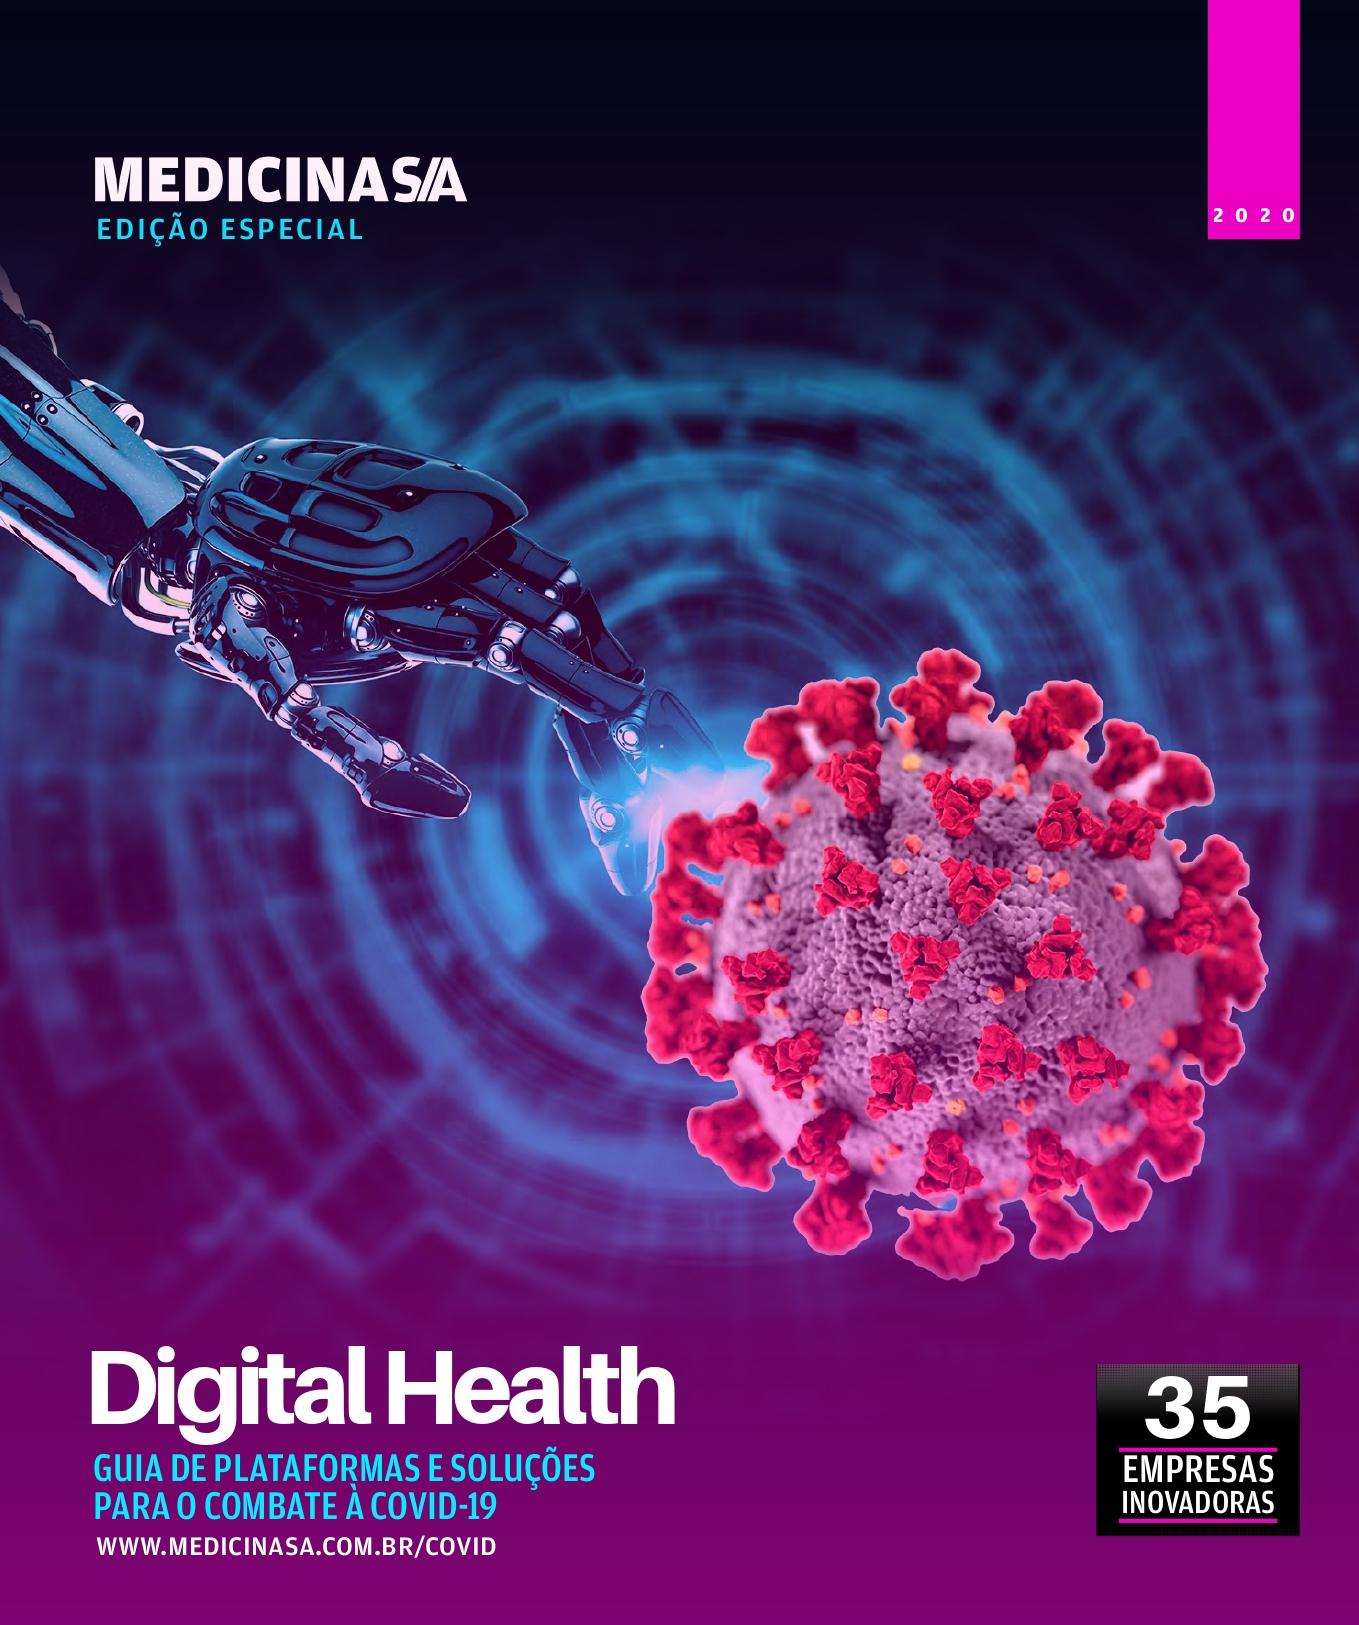 Capa - Guia Medicina SA - Covid19